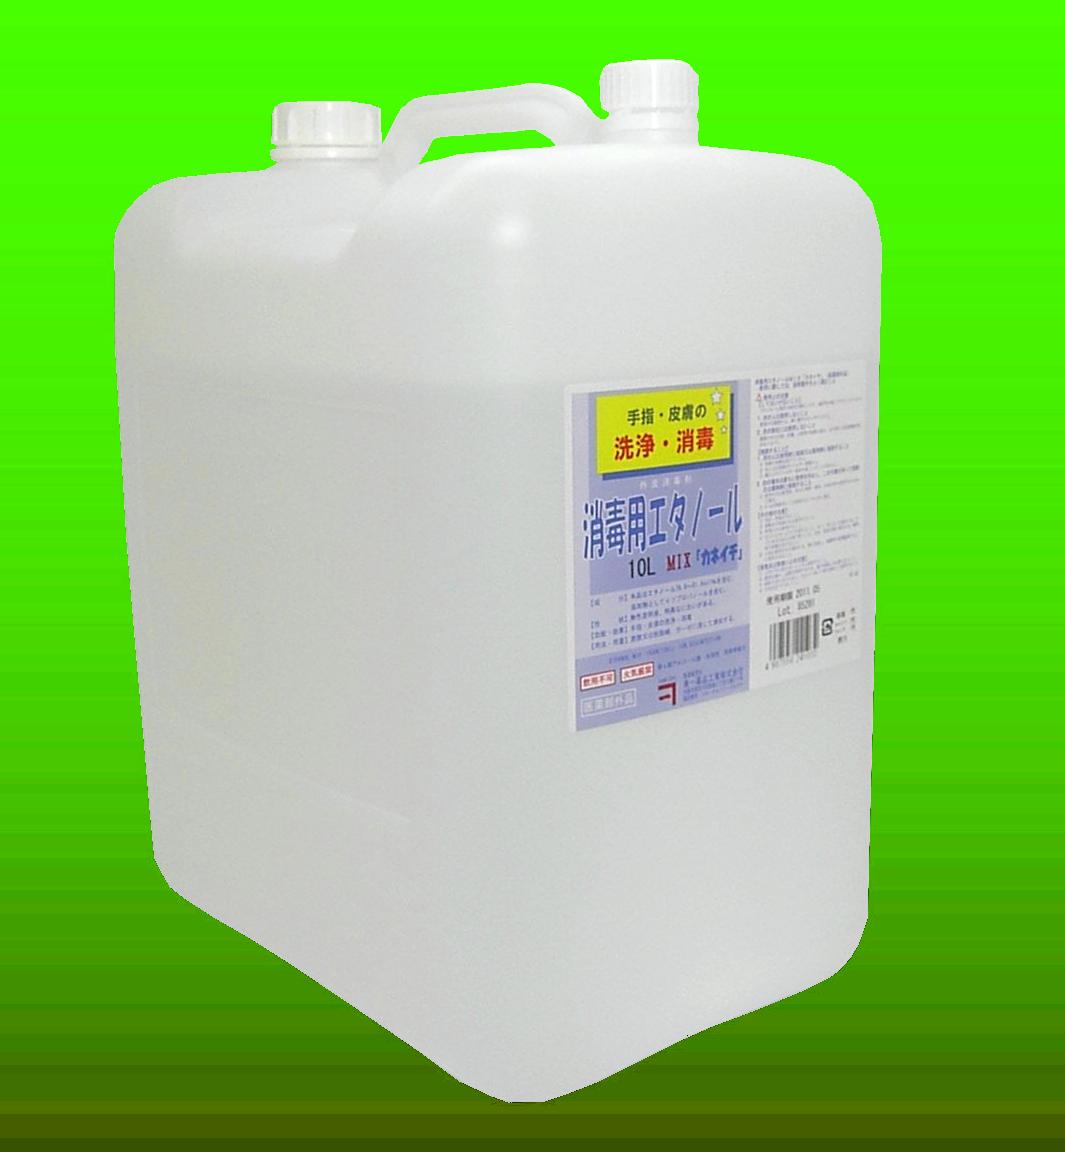 消毒用エタノールMIX 10リットル - ニットクメディカル販売サイト